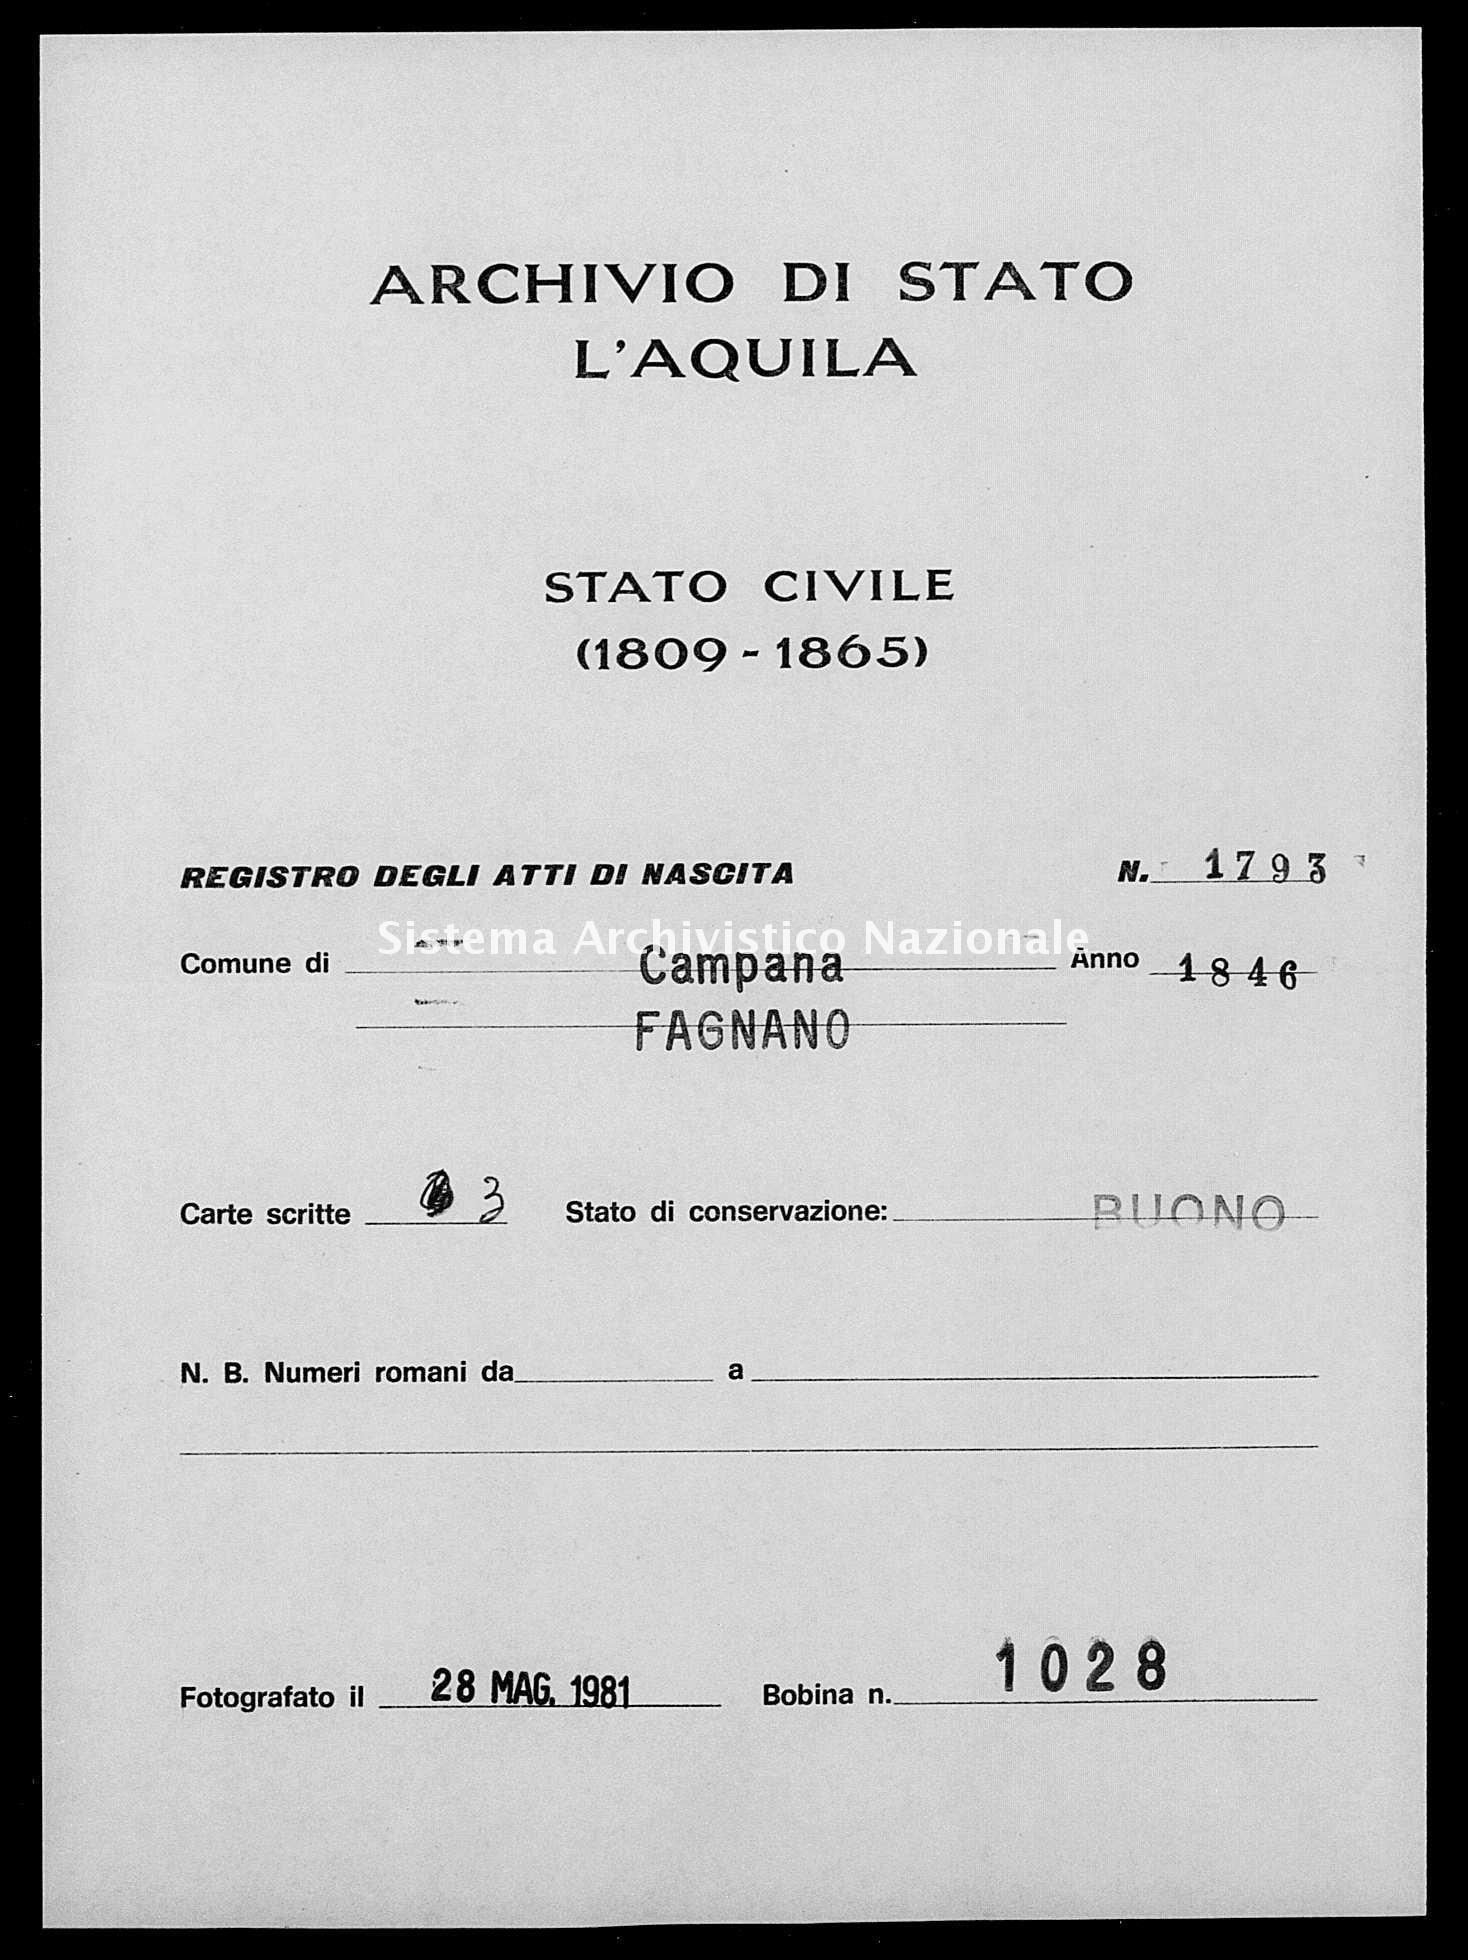 Archivio di stato di L'aquila - Stato civile della restaurazione - Campana - Nati - 1846 - 1793 -